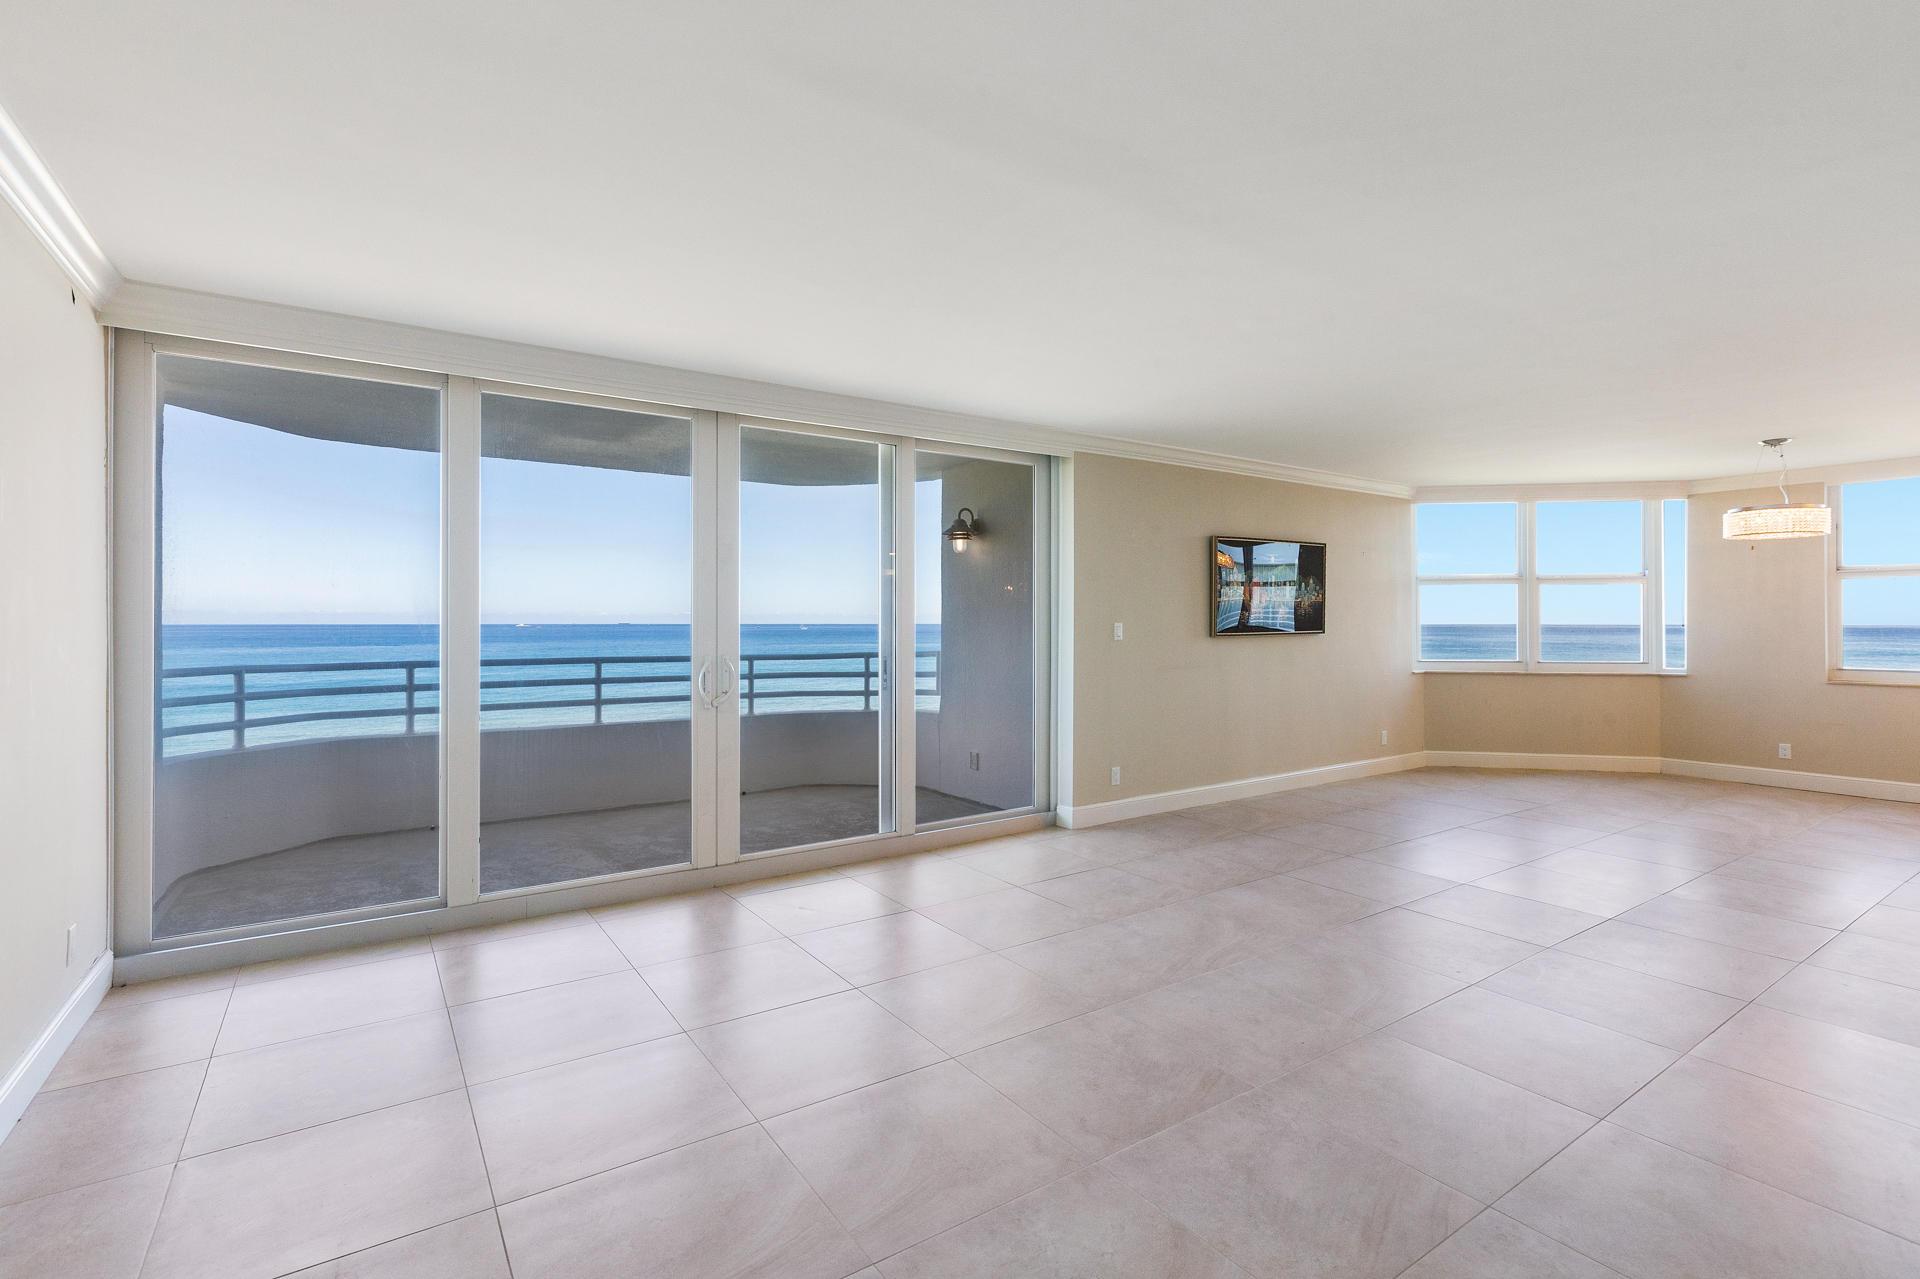 3407 Ocean Boulevard, Highland Beach, Florida 33487, 2 Bedrooms Bedrooms, ,2.1 BathroomsBathrooms,Condo/Coop,For Sale,Ocean,4,RX-10443625